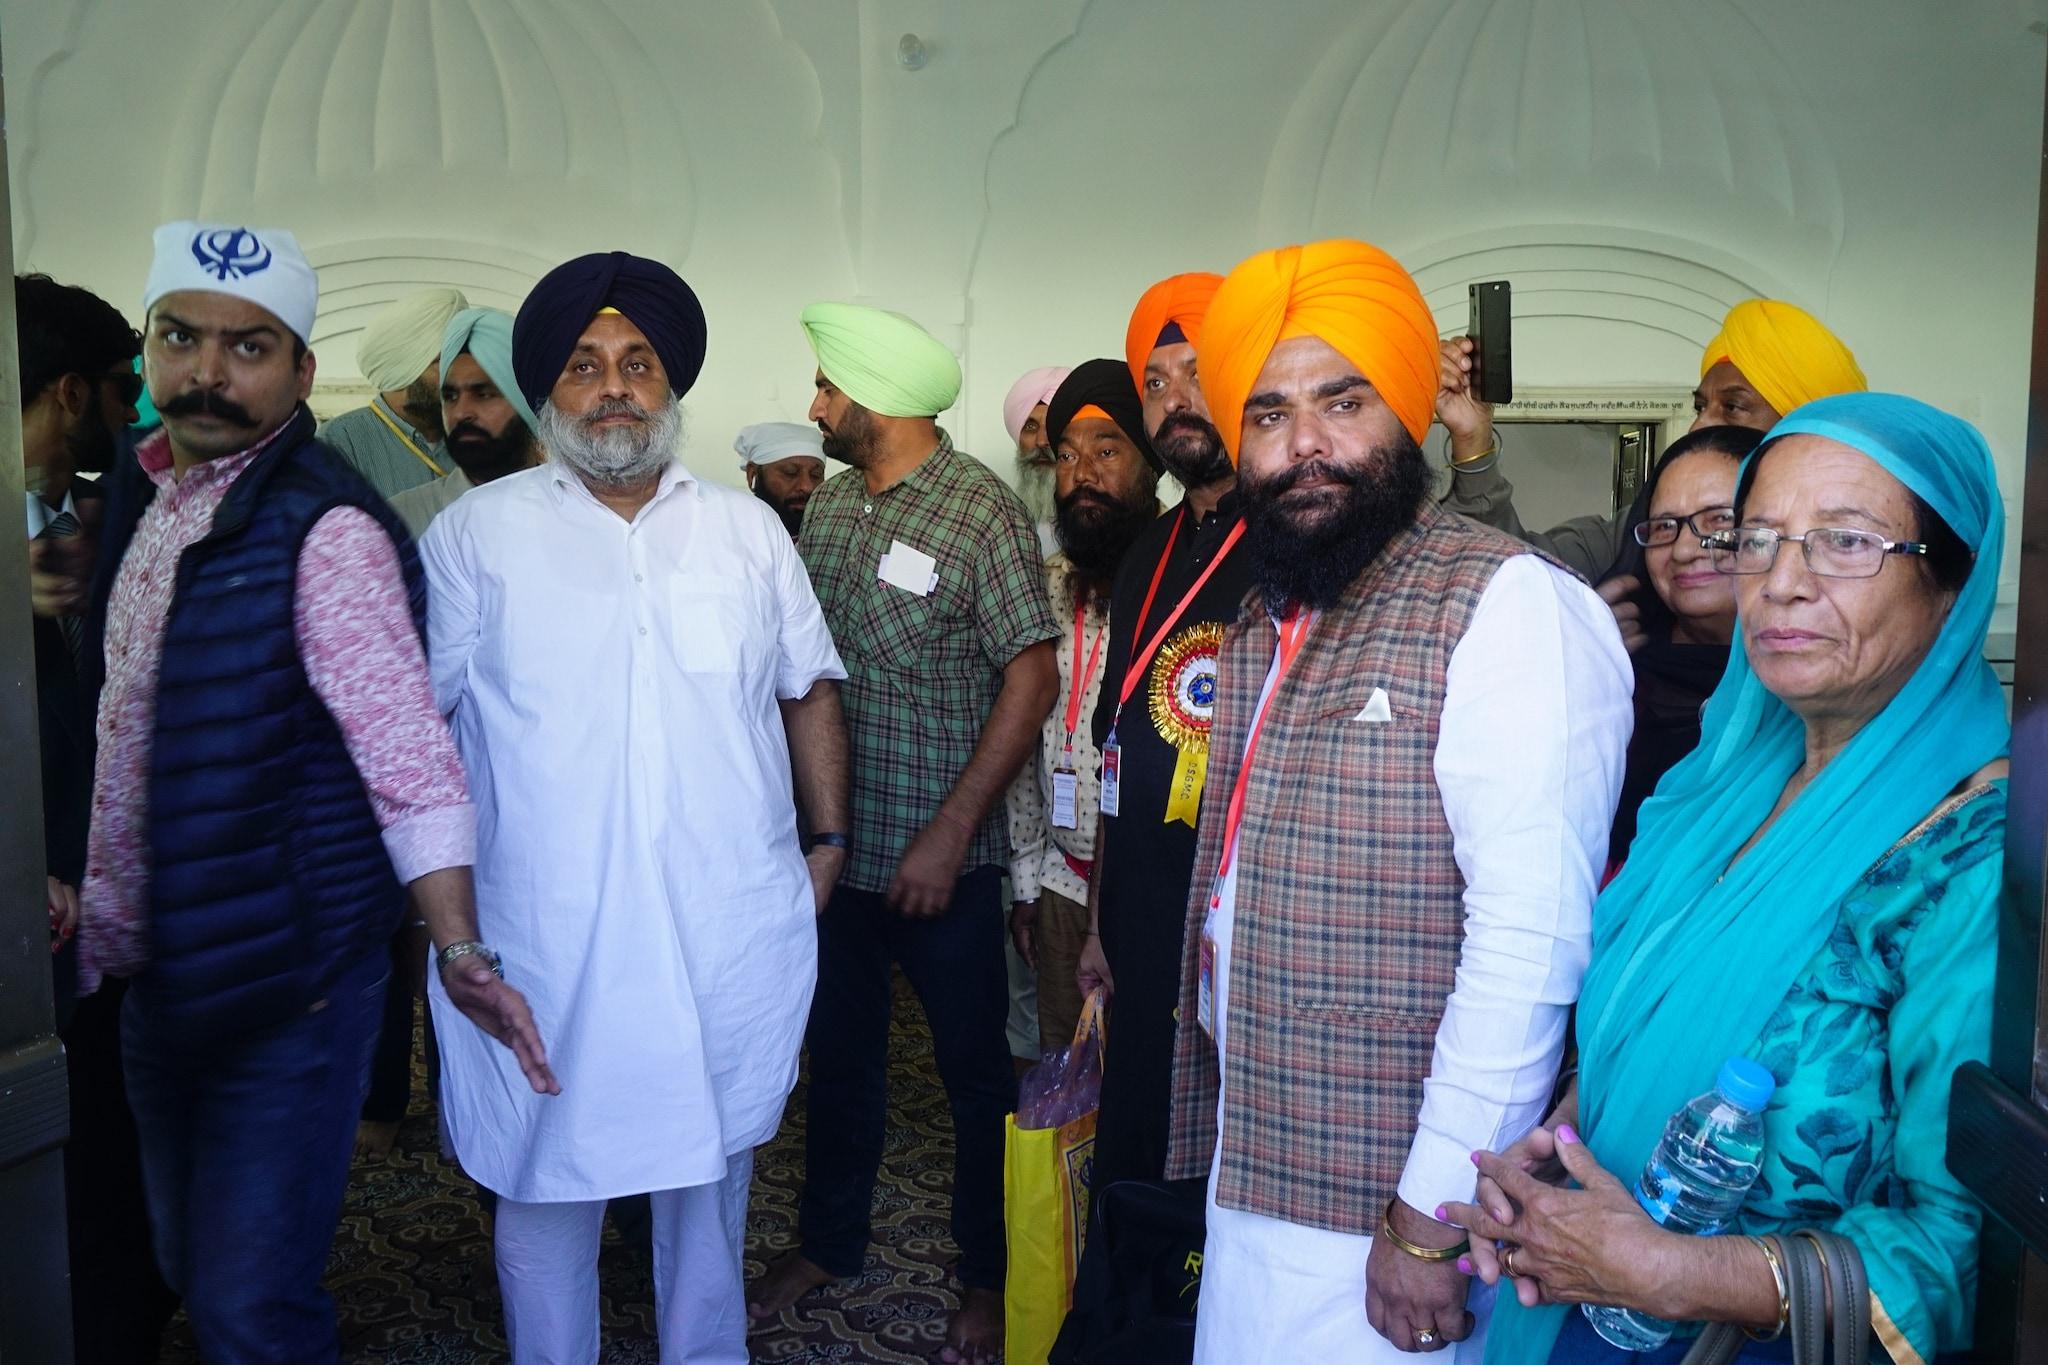 Shiromani Akali Dal president Sukhbir Singh Badal inside the gurudwara.